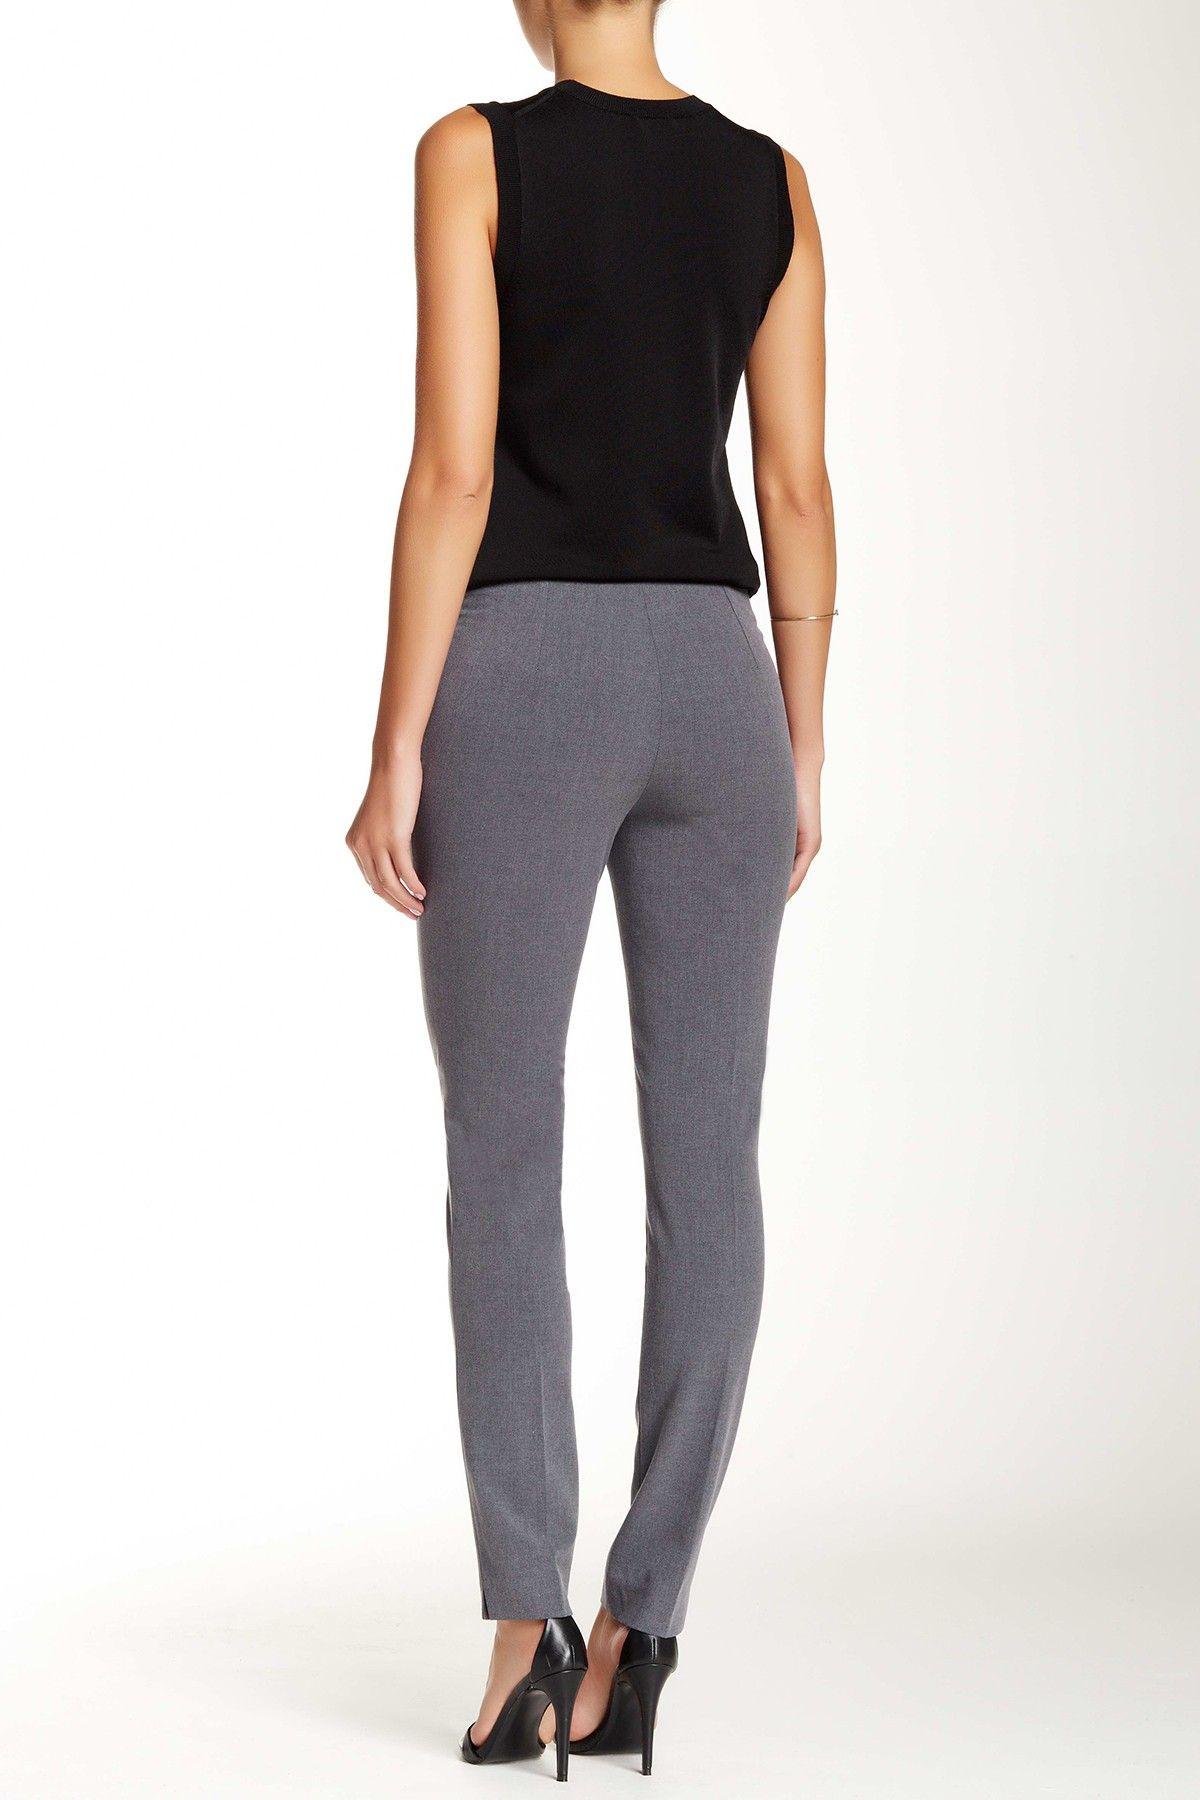 Amanda Amp Chelsea Signature Side Zip Slim Fit Pants